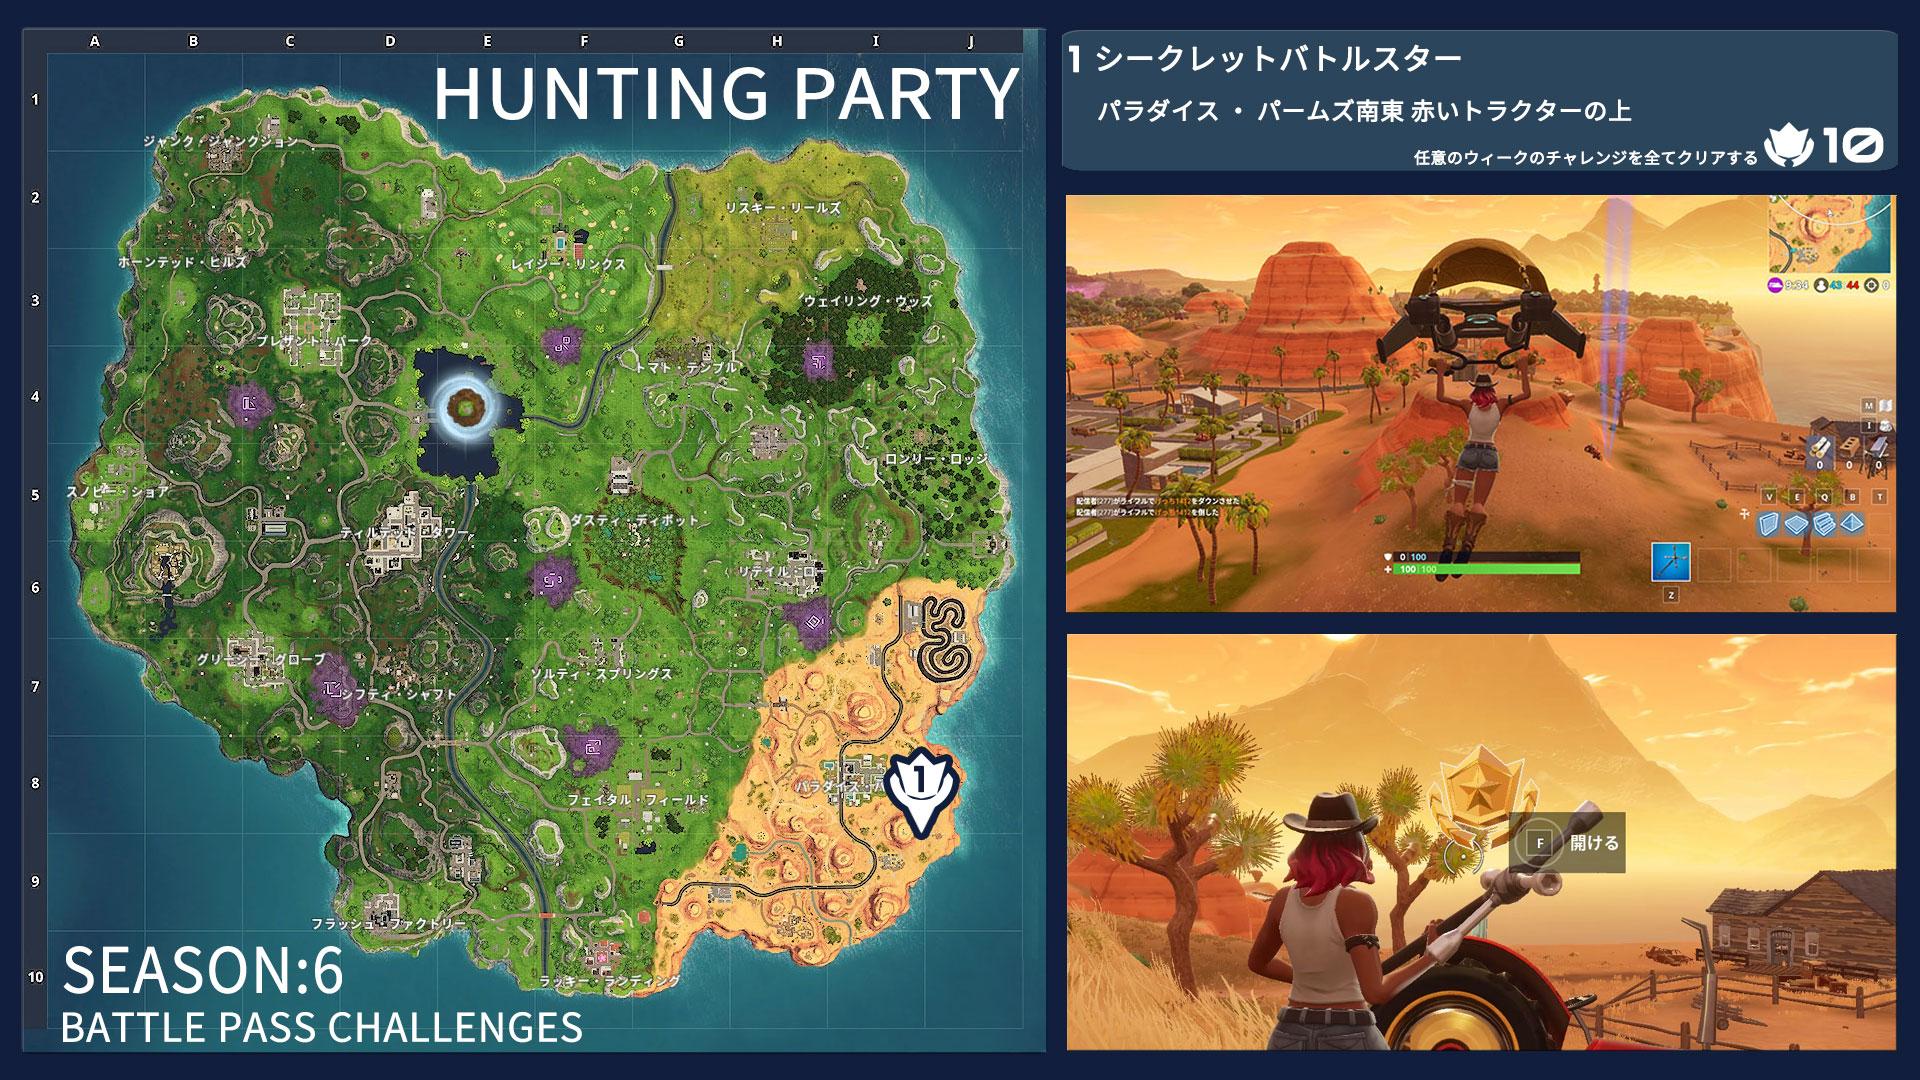 ハンティングパーティチャレンジ1